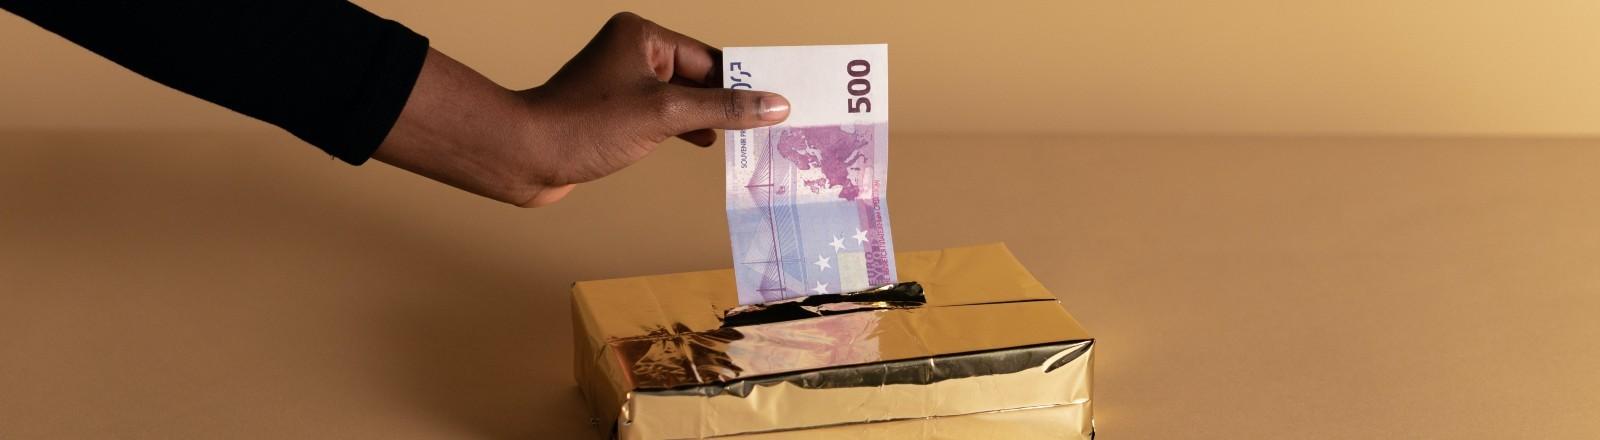 Aus einer Box für Taschentücher zieht eine Hand einen 500-Euro-Schein raus.